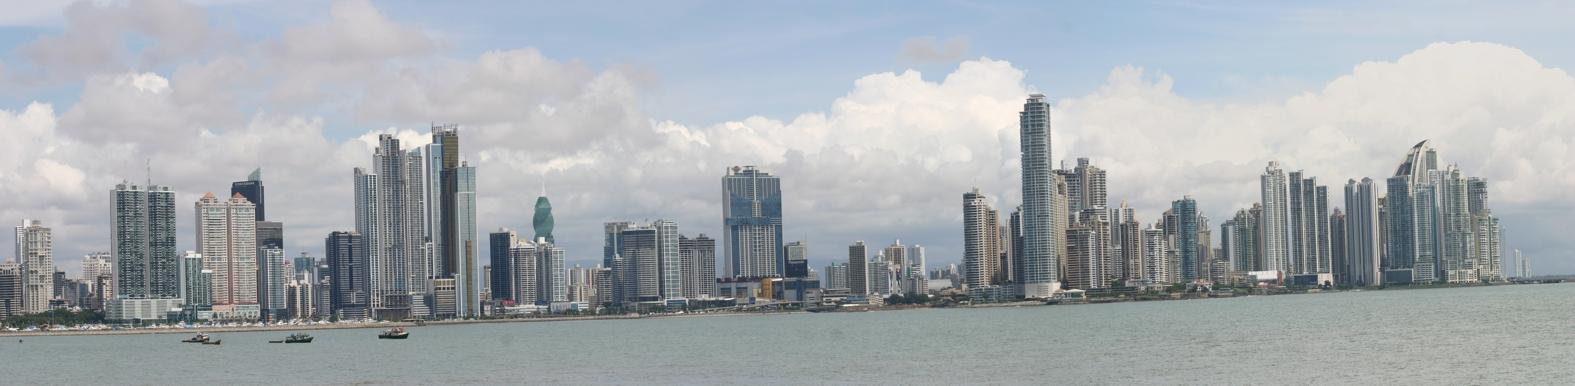 2012-10-25-skyline02